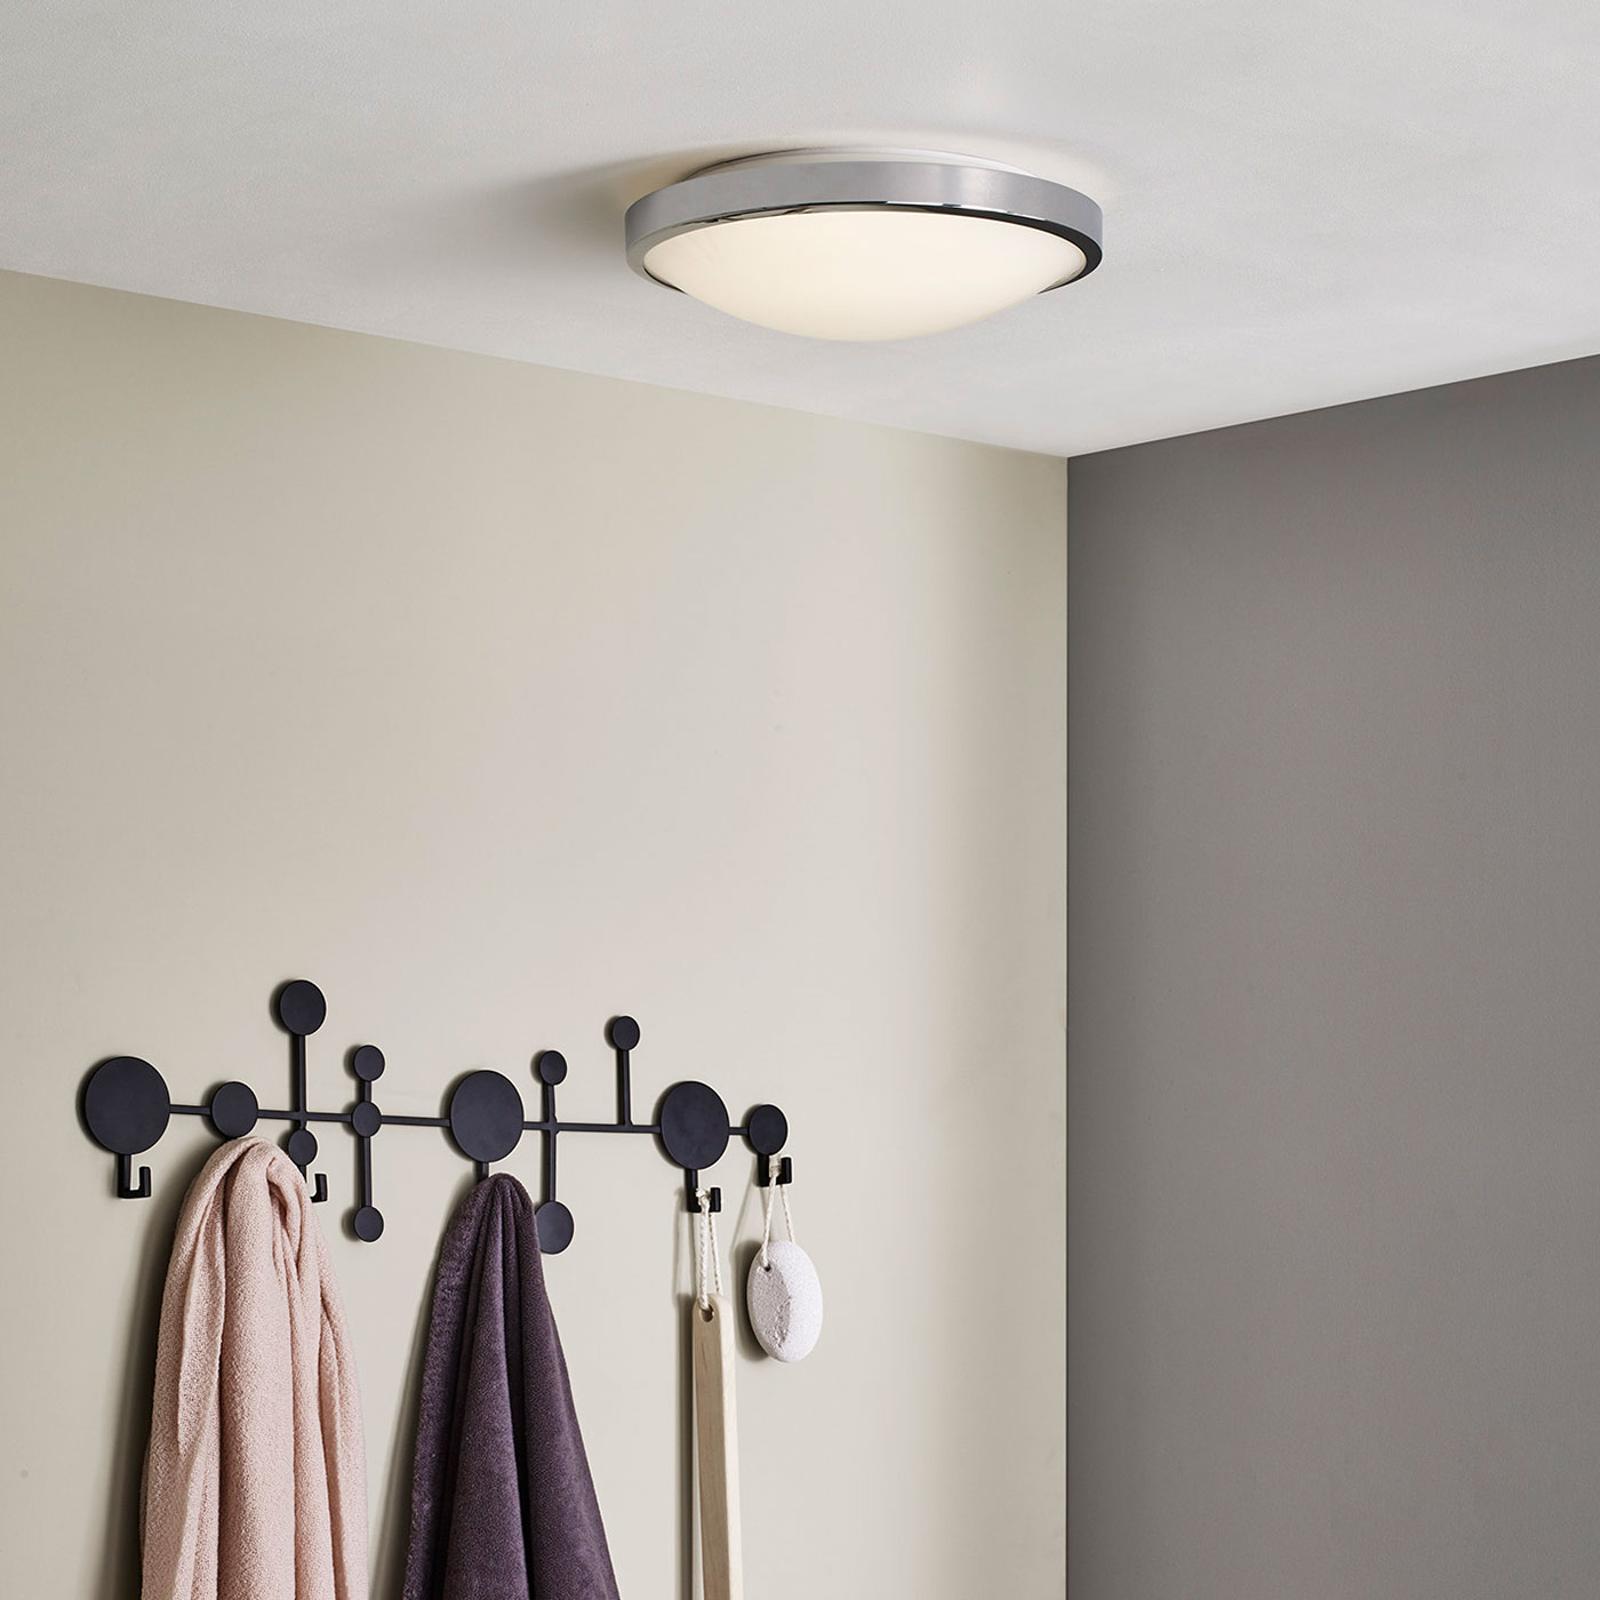 Klassieke plafondlamp DENIA in chroom-uitvoering